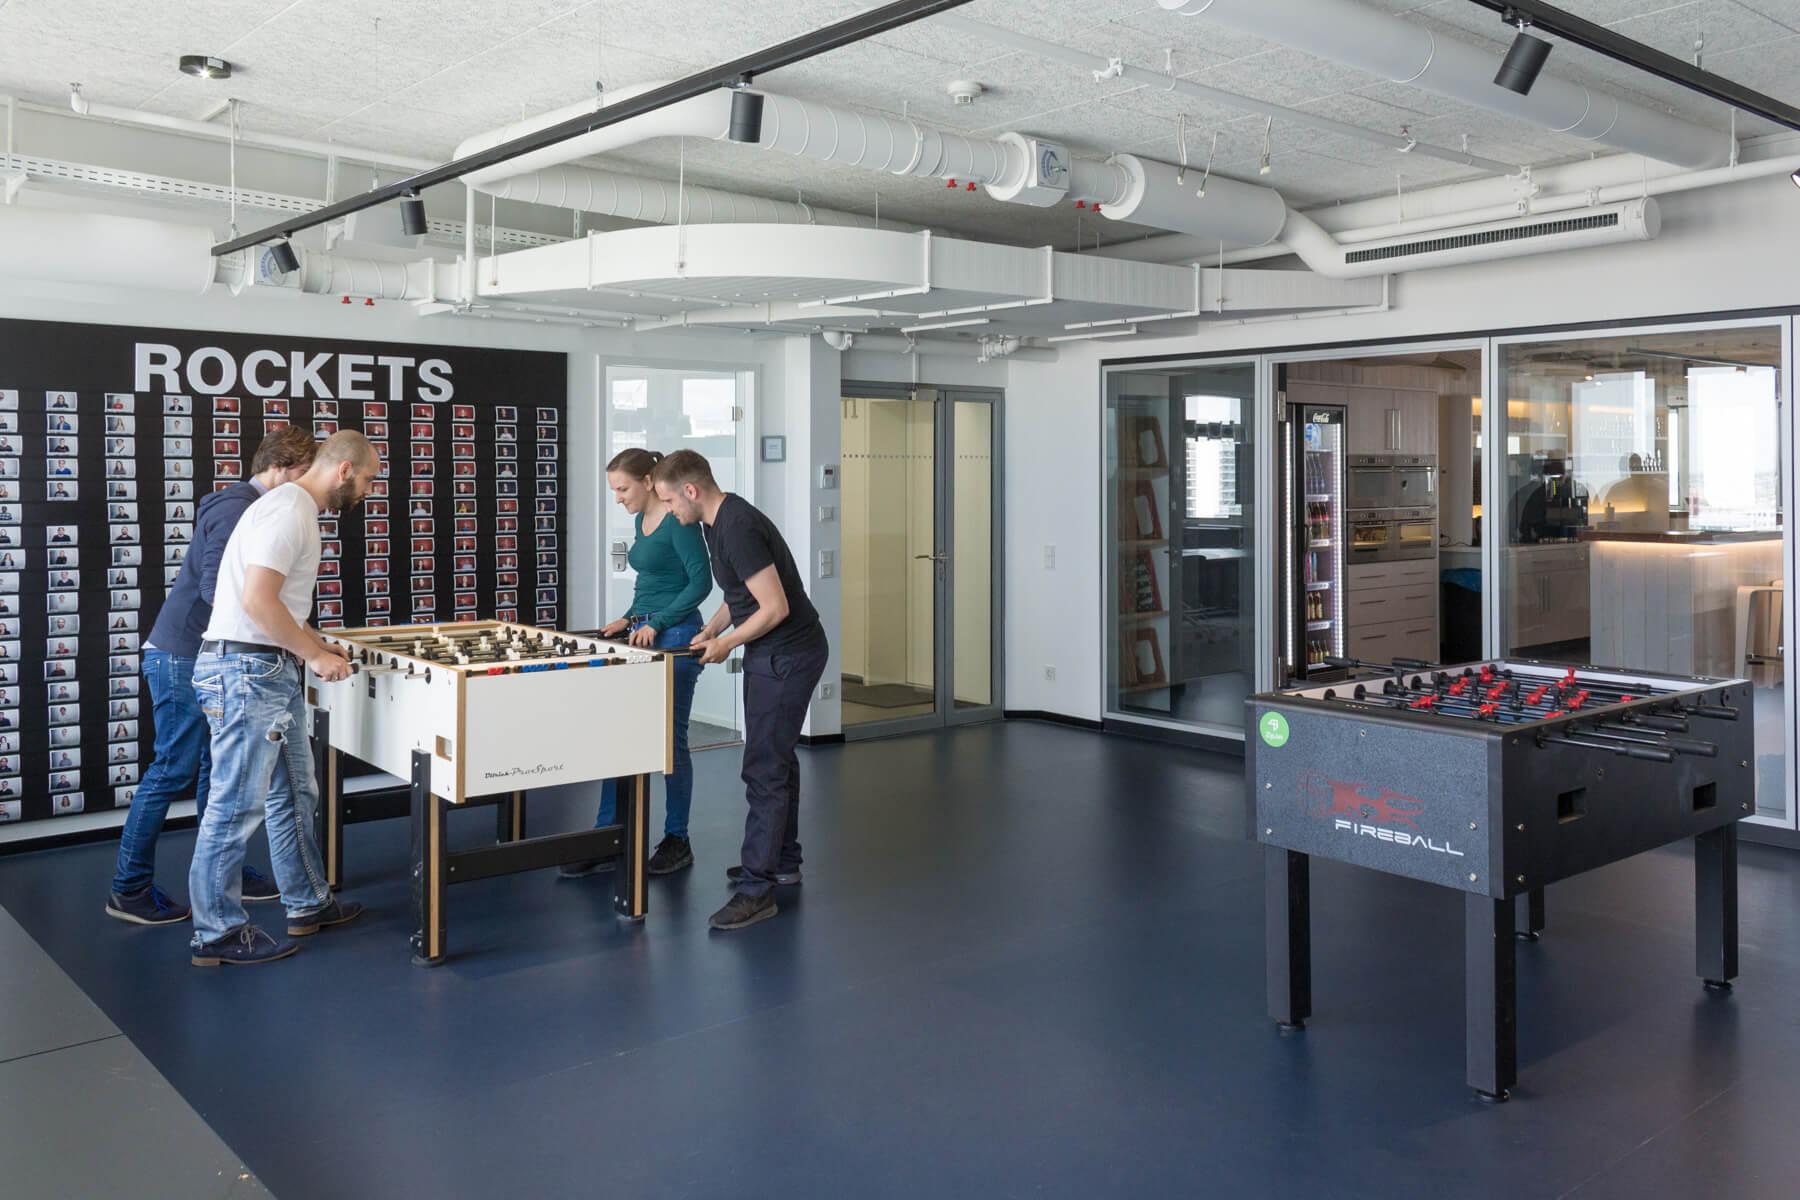 """Digitale Leute - Markus J. Doetsch - Rocket Internet - Gleich neben der Kantine gibt es einen Raum, in dem alle """"Rockets"""" hängen als auch zwei Tischkicker."""